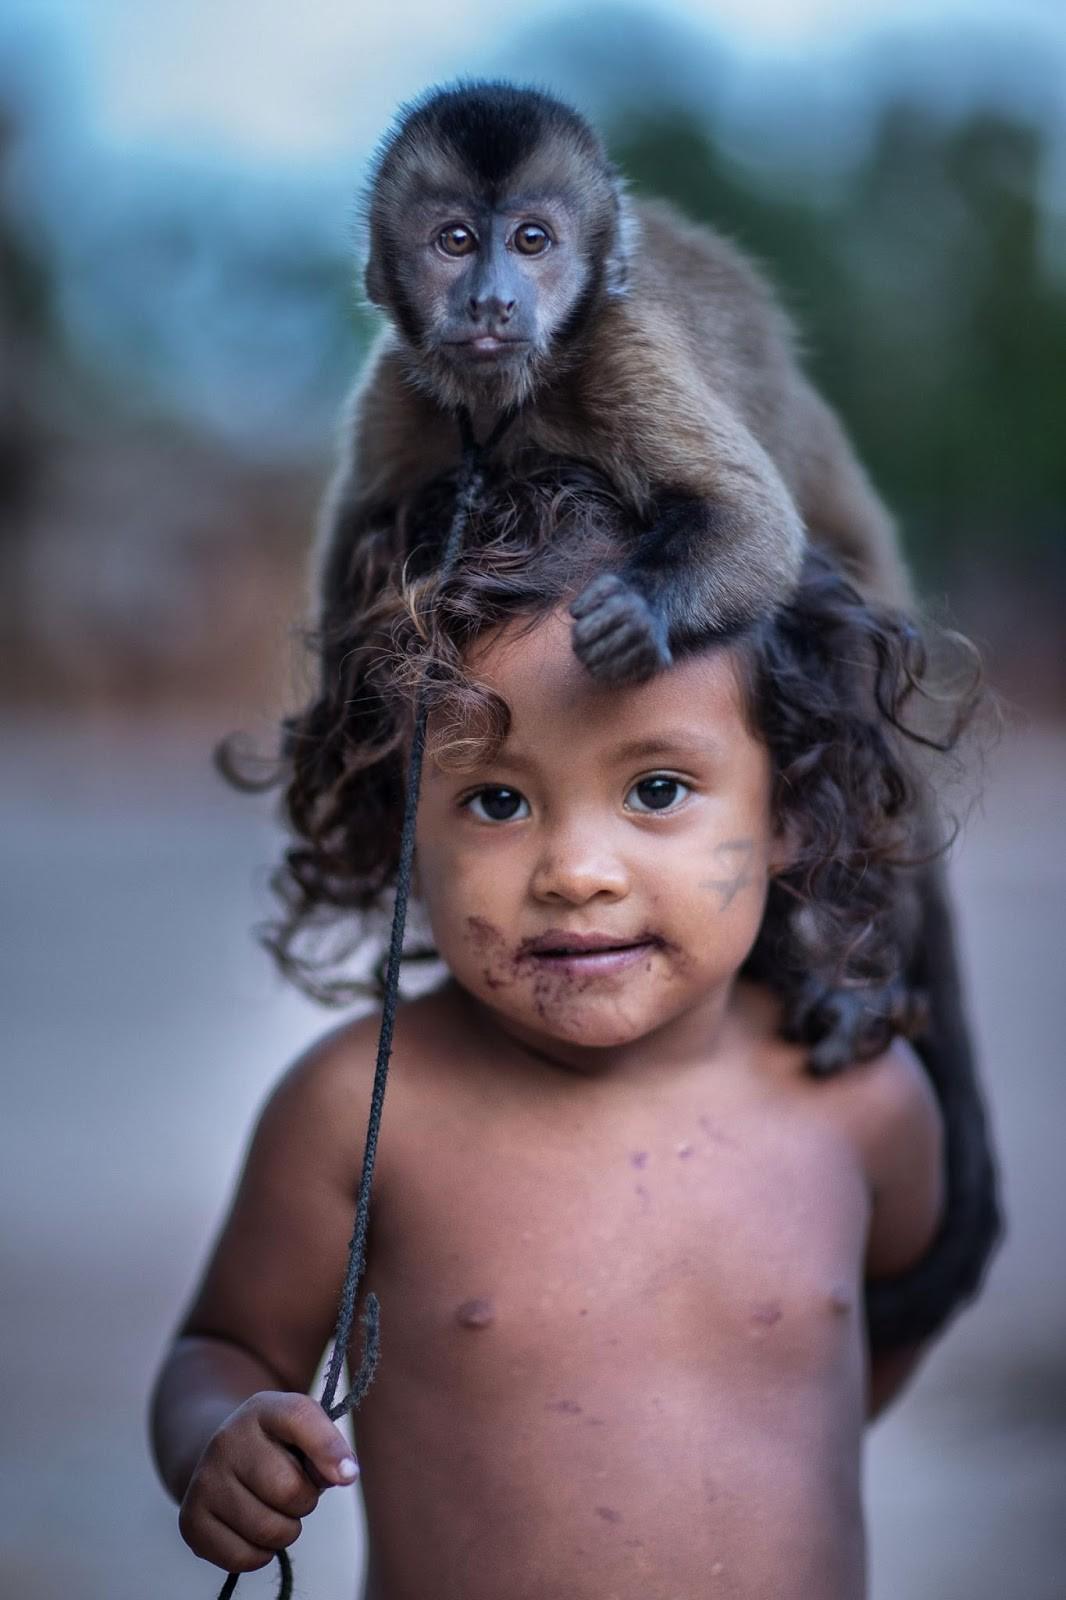 03-monkey-on-heads-Y9P8172-Edit